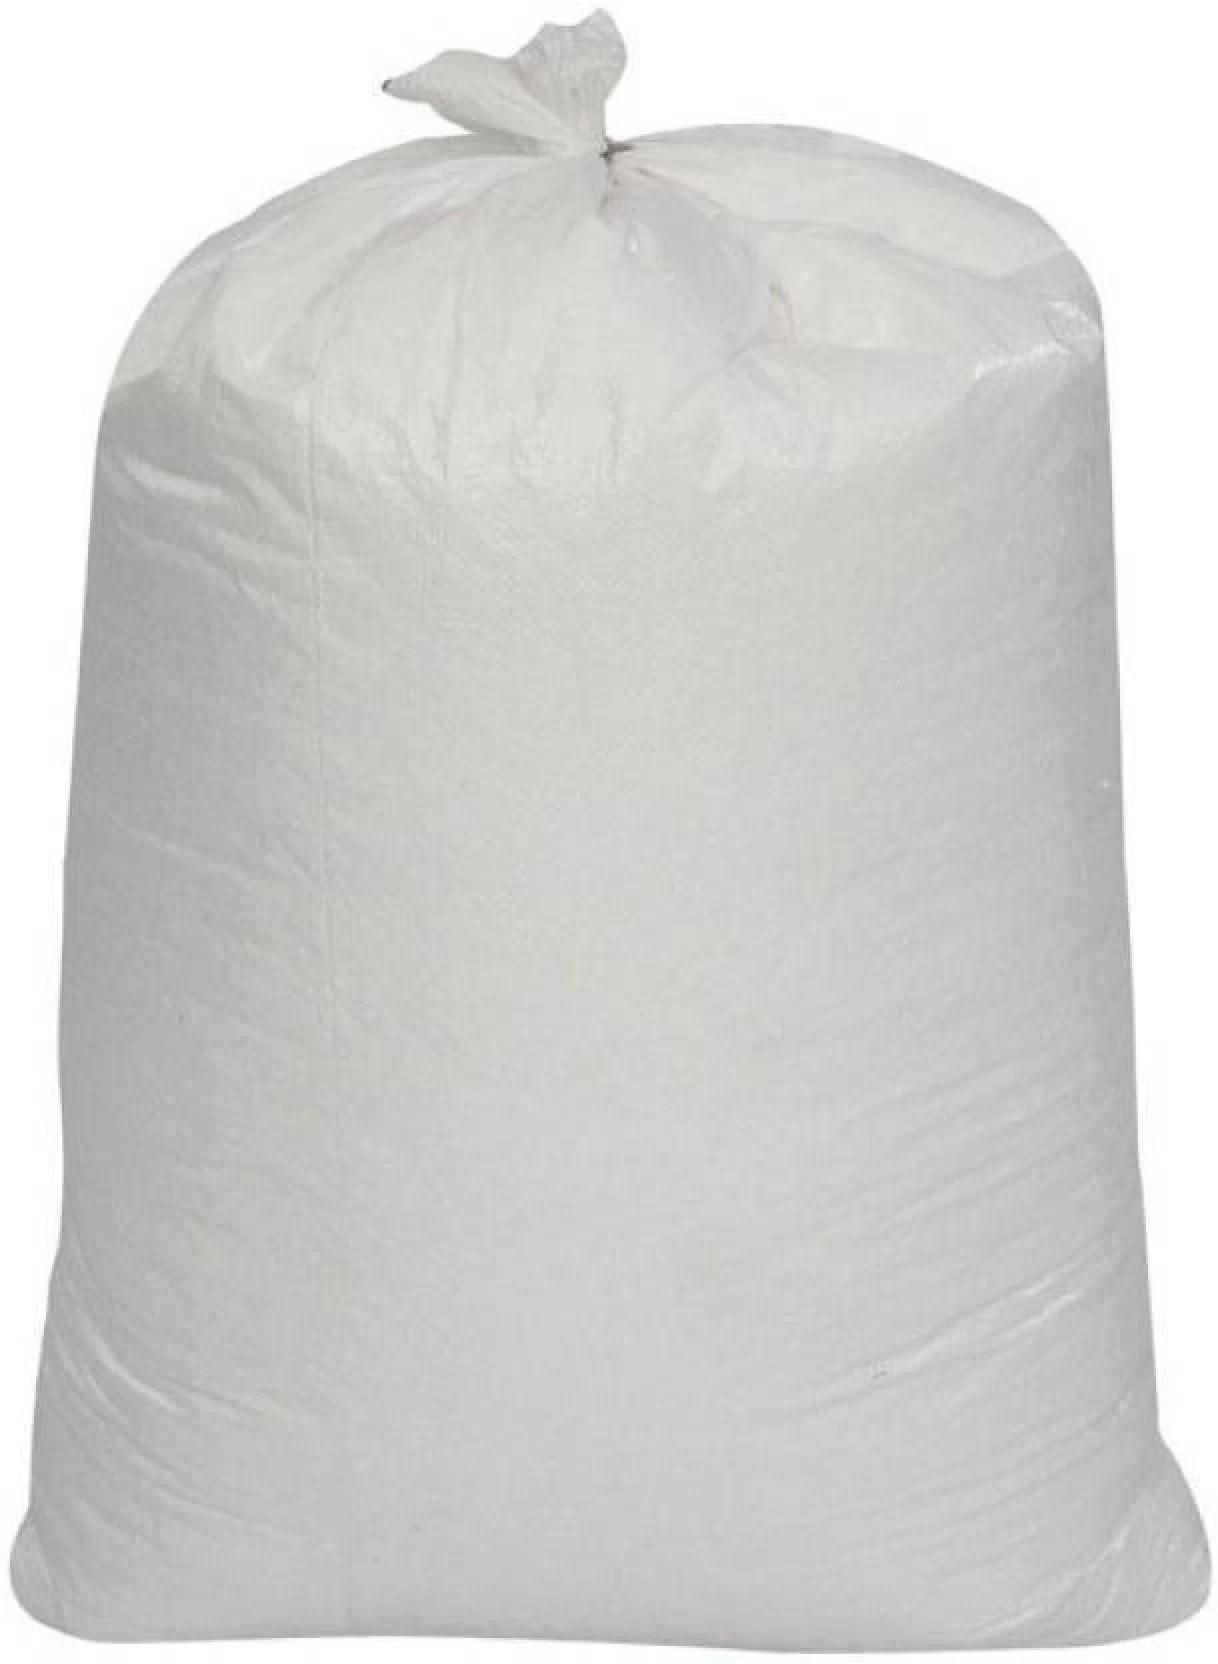 Fullsize Of Bean Bag Filler